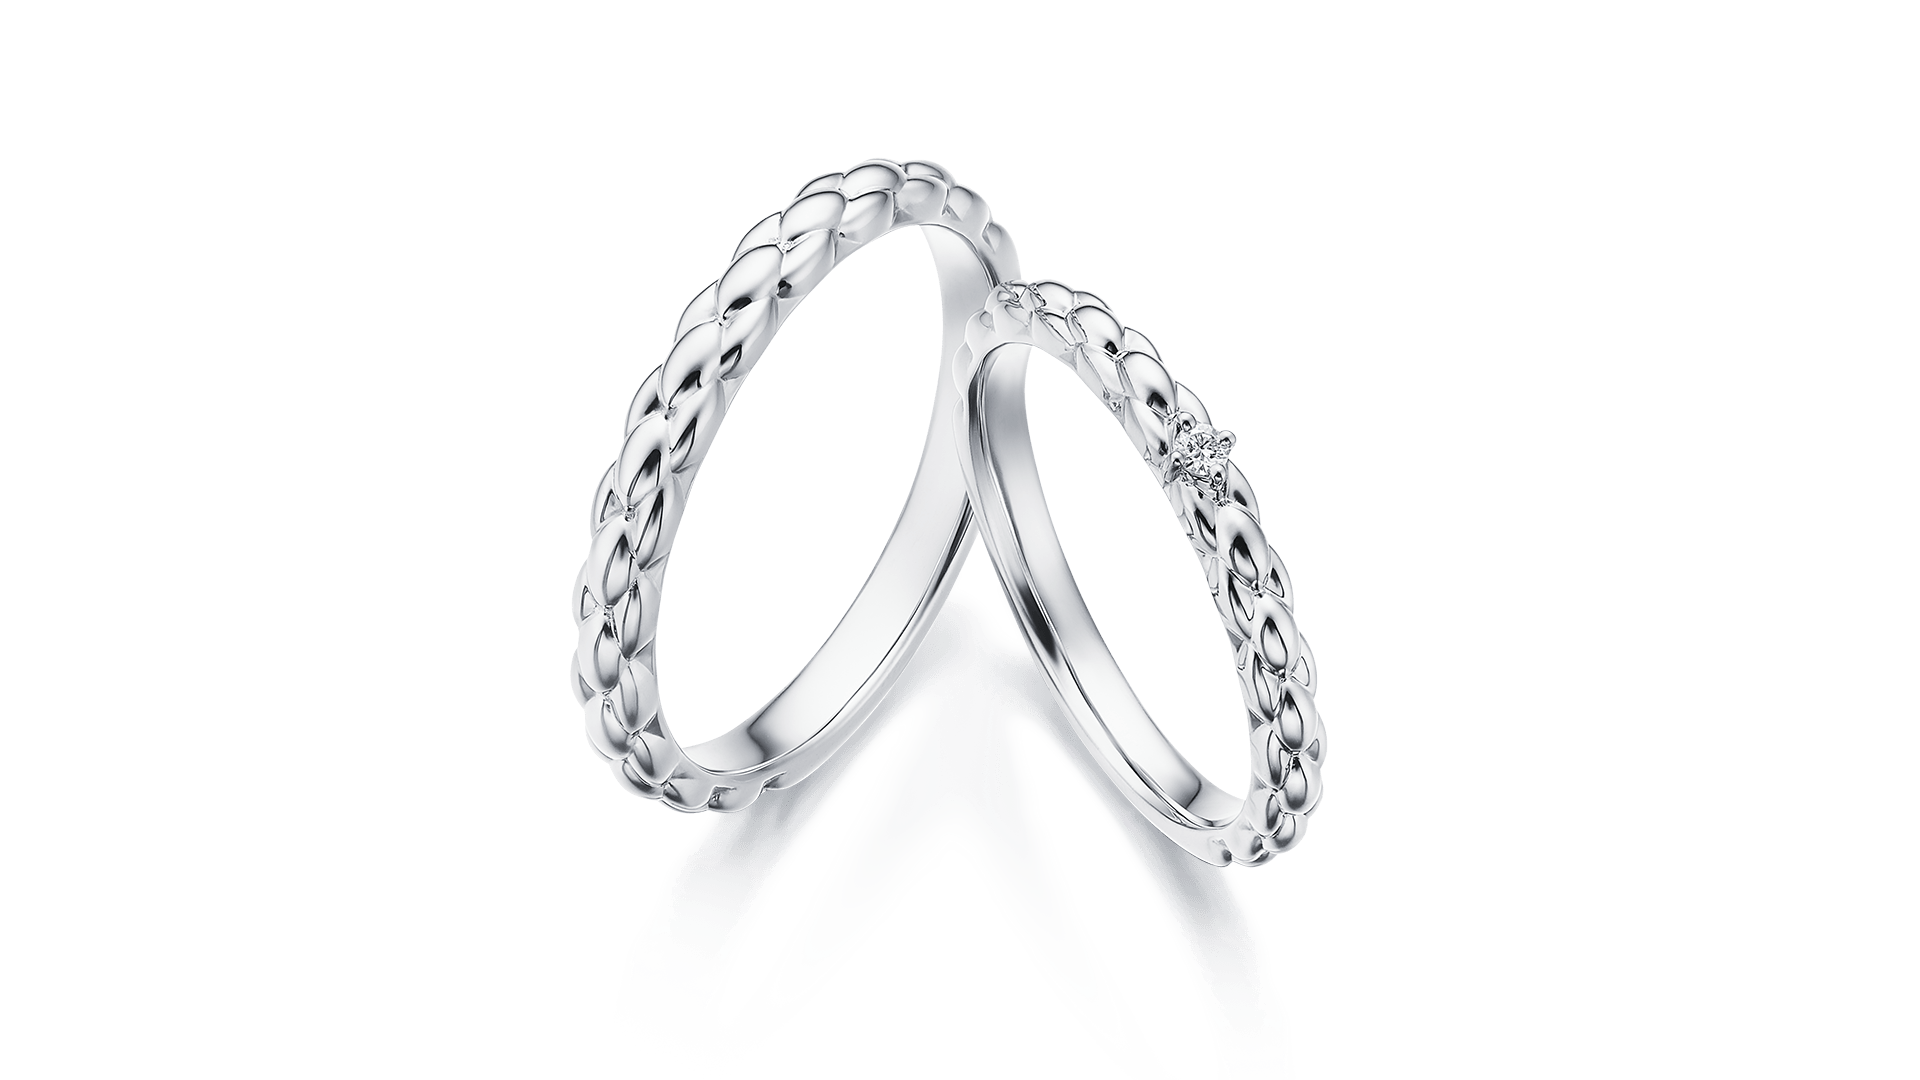 virch ヴァーチ | 結婚指輪サムネイル 2